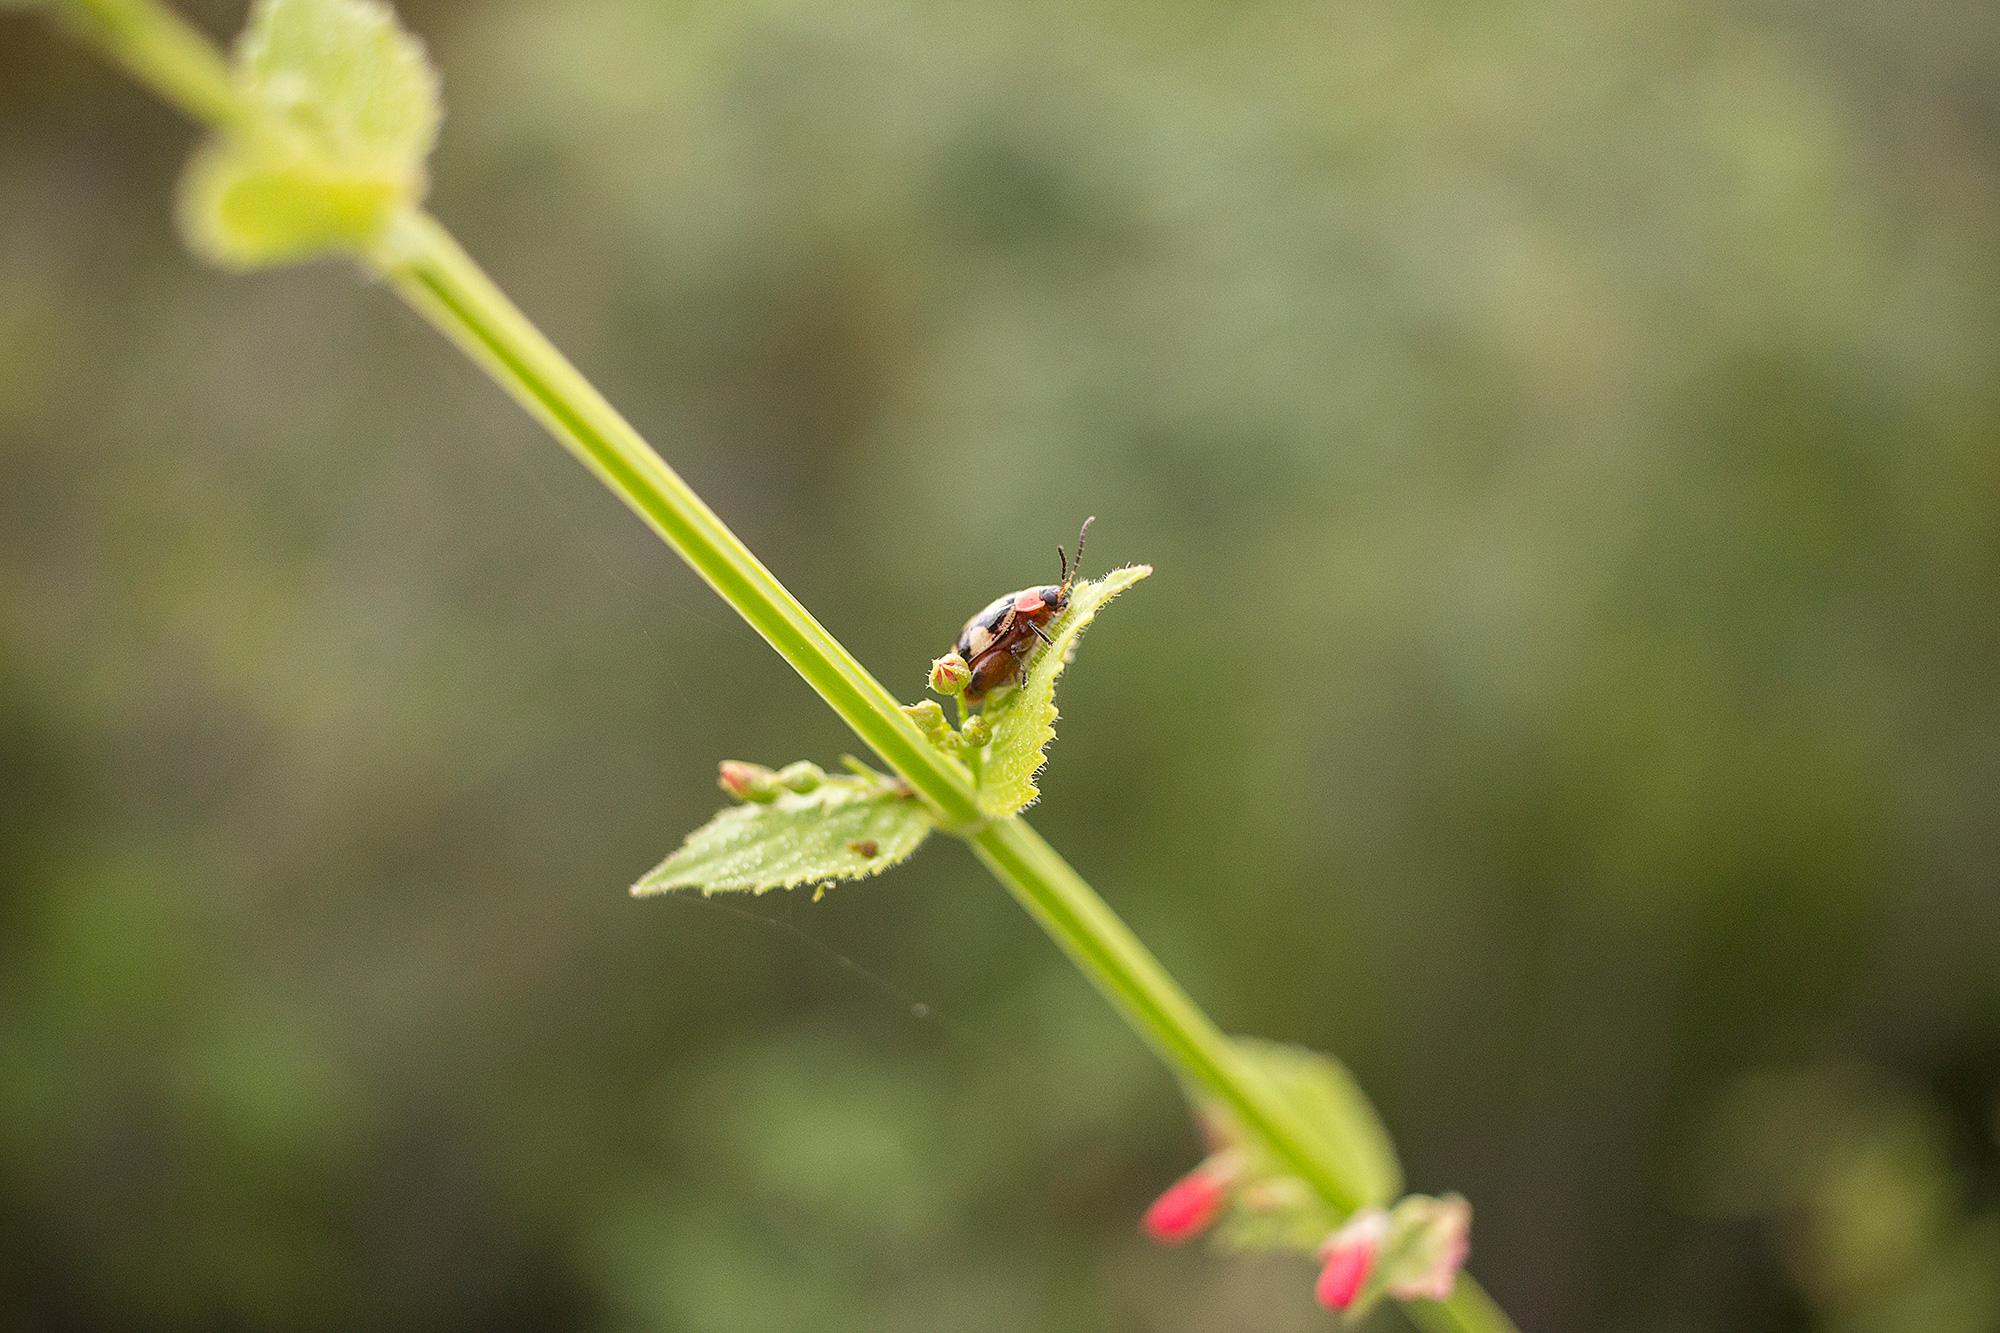 Ladybug at El Mirador, Petén.